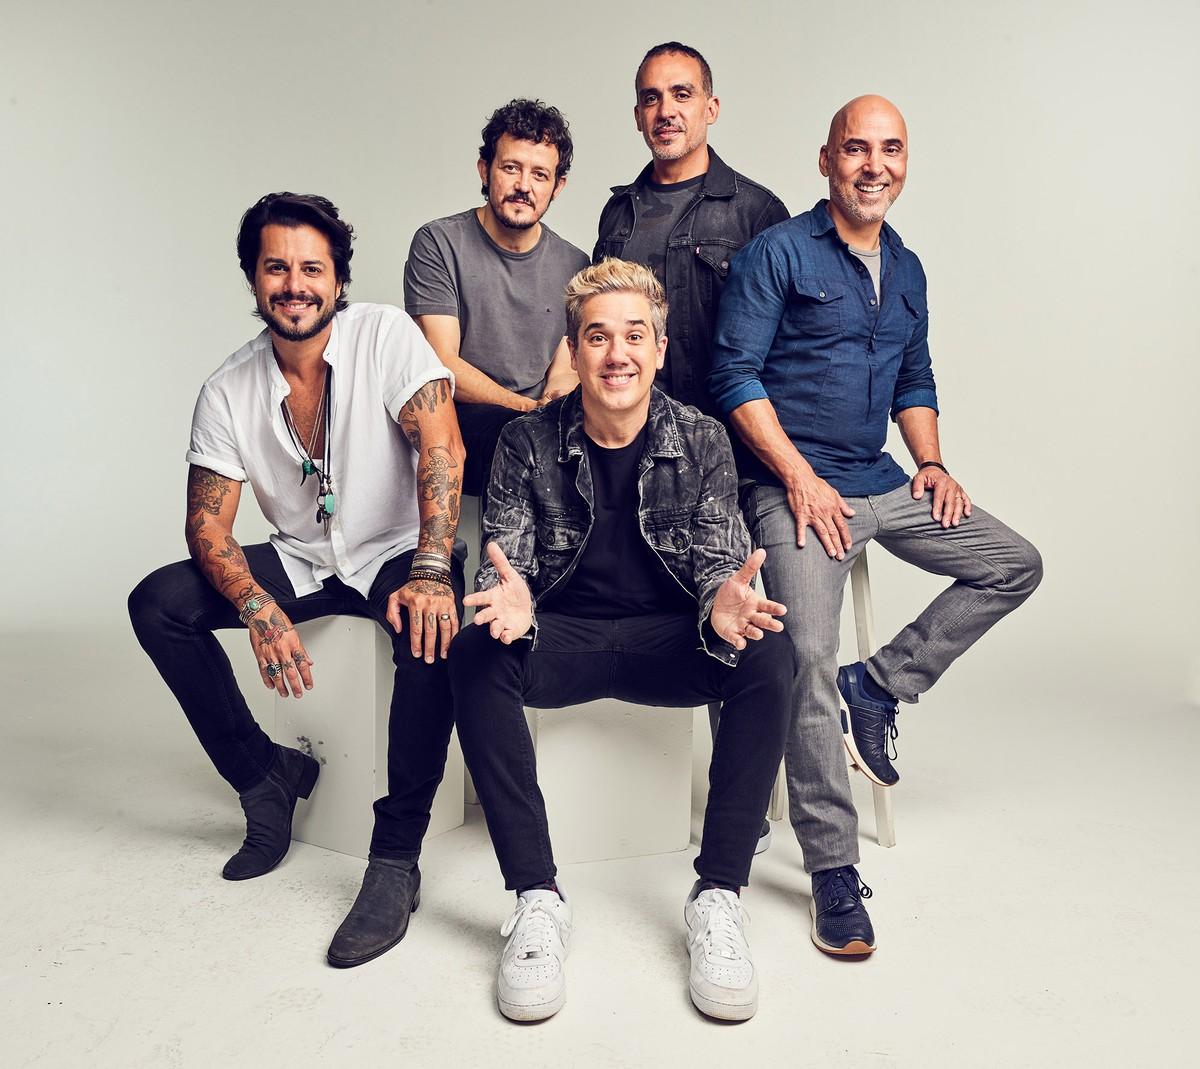 Jota Quest promove 'Guerra e paz' como single de álbum produzido por Paul Ralphes | Blog do Mauro Ferreira